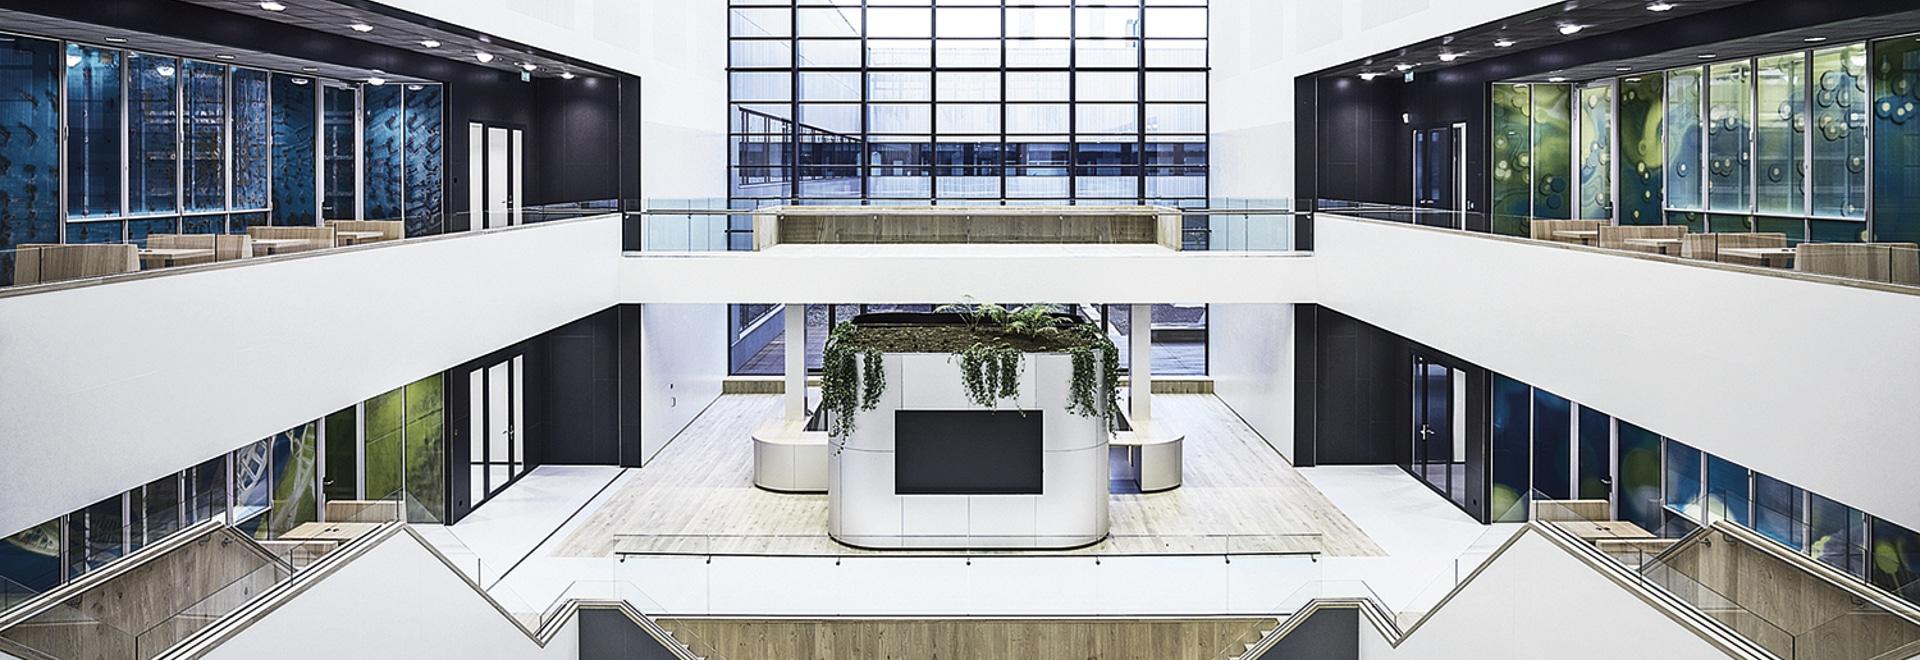 Delft TU Atrium - Laminam slabs